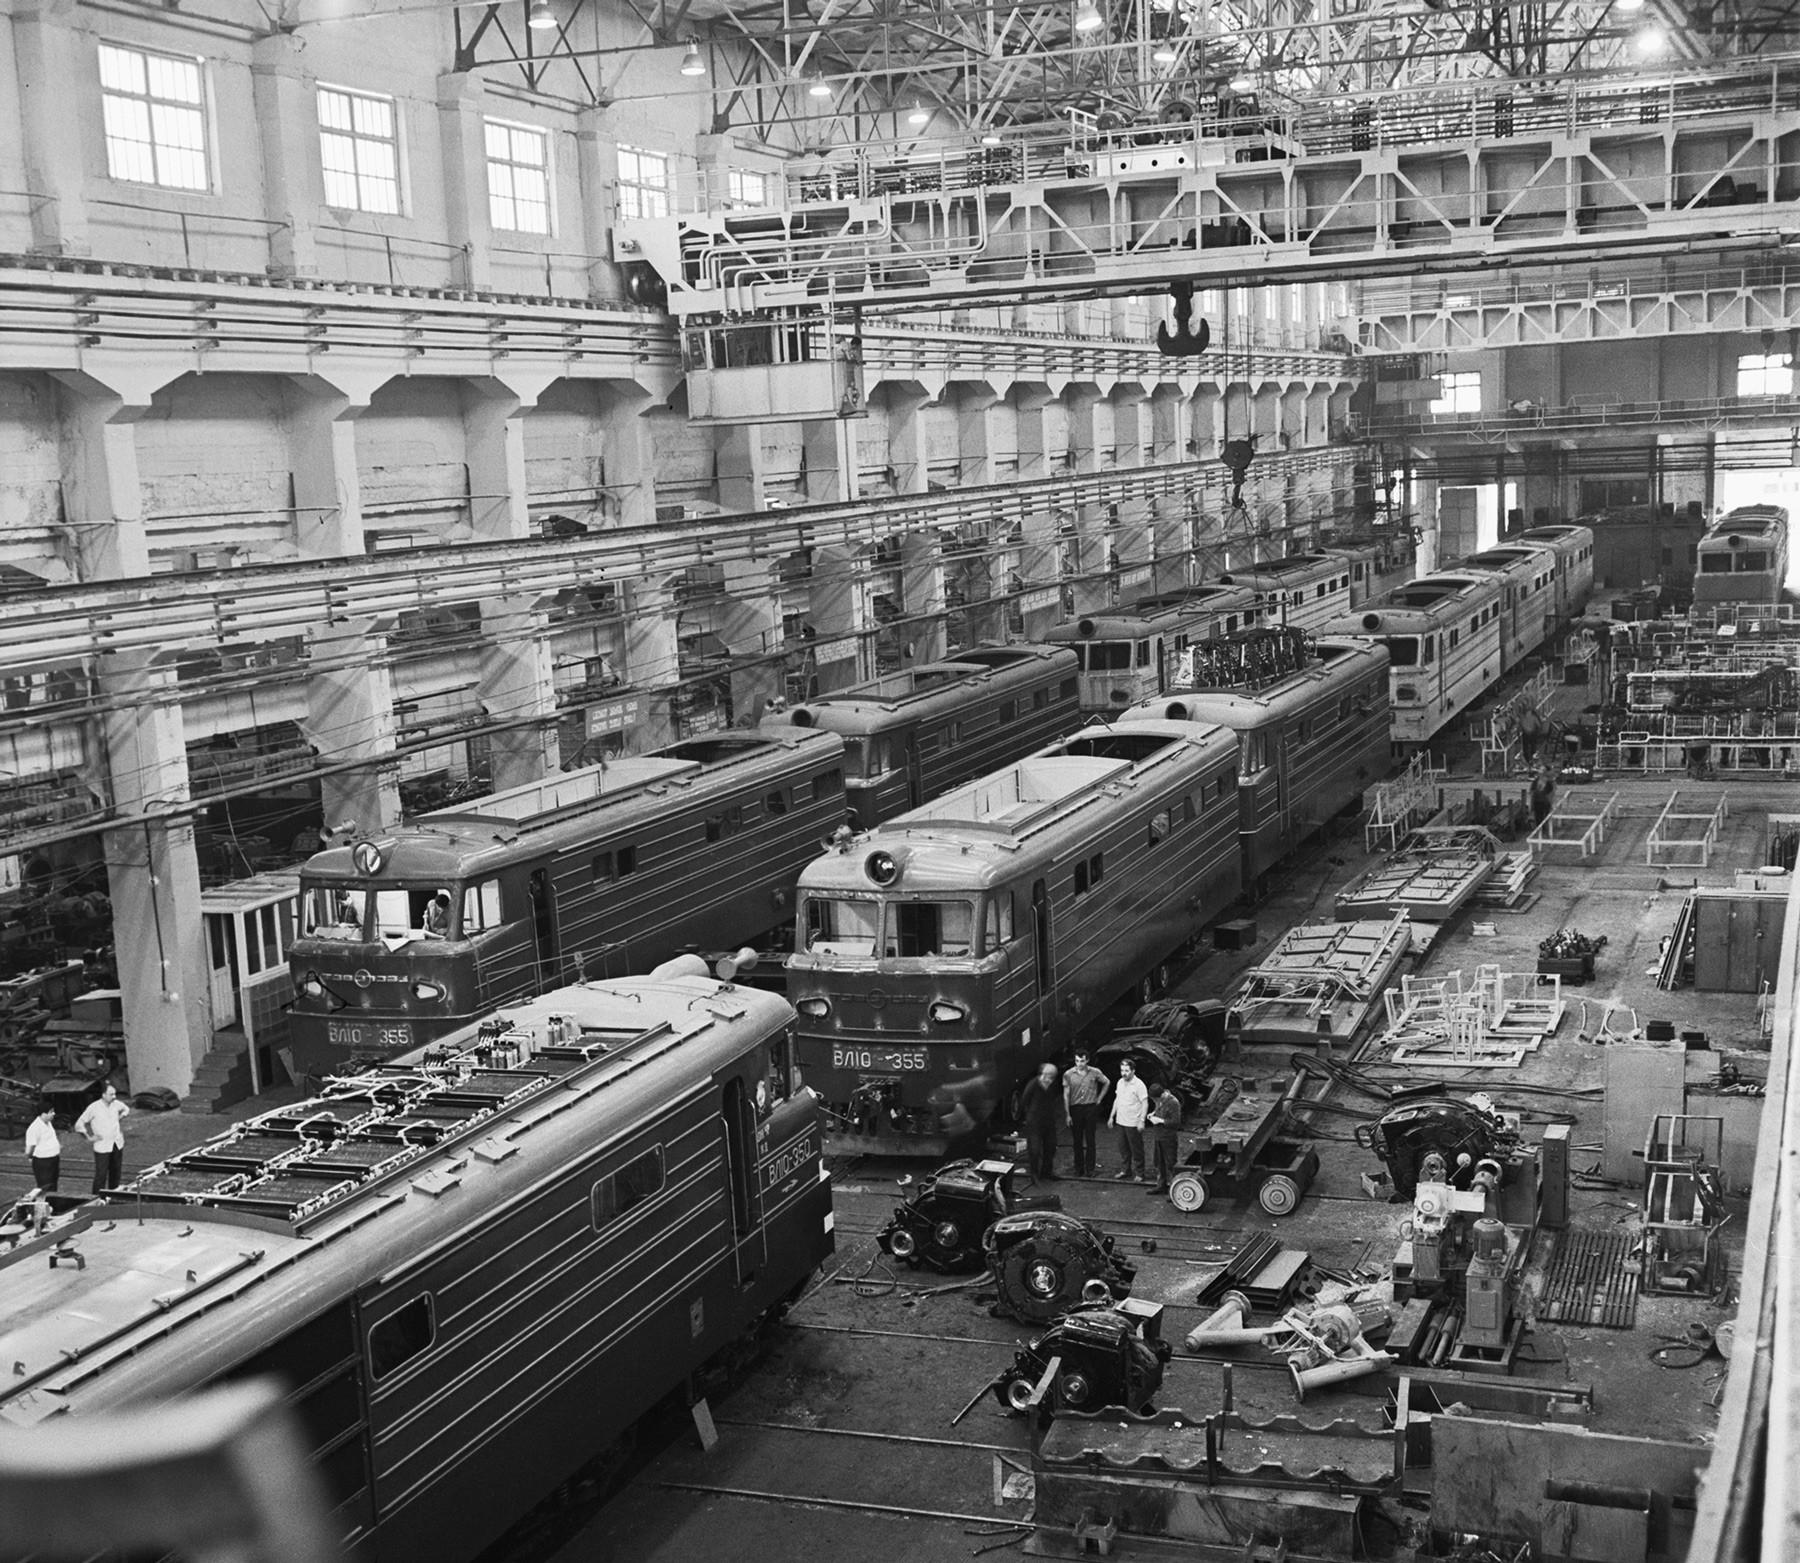 Tovarna vlakov v Novočerkasku, iz katere se je porodilo jedro protesta leta 1962